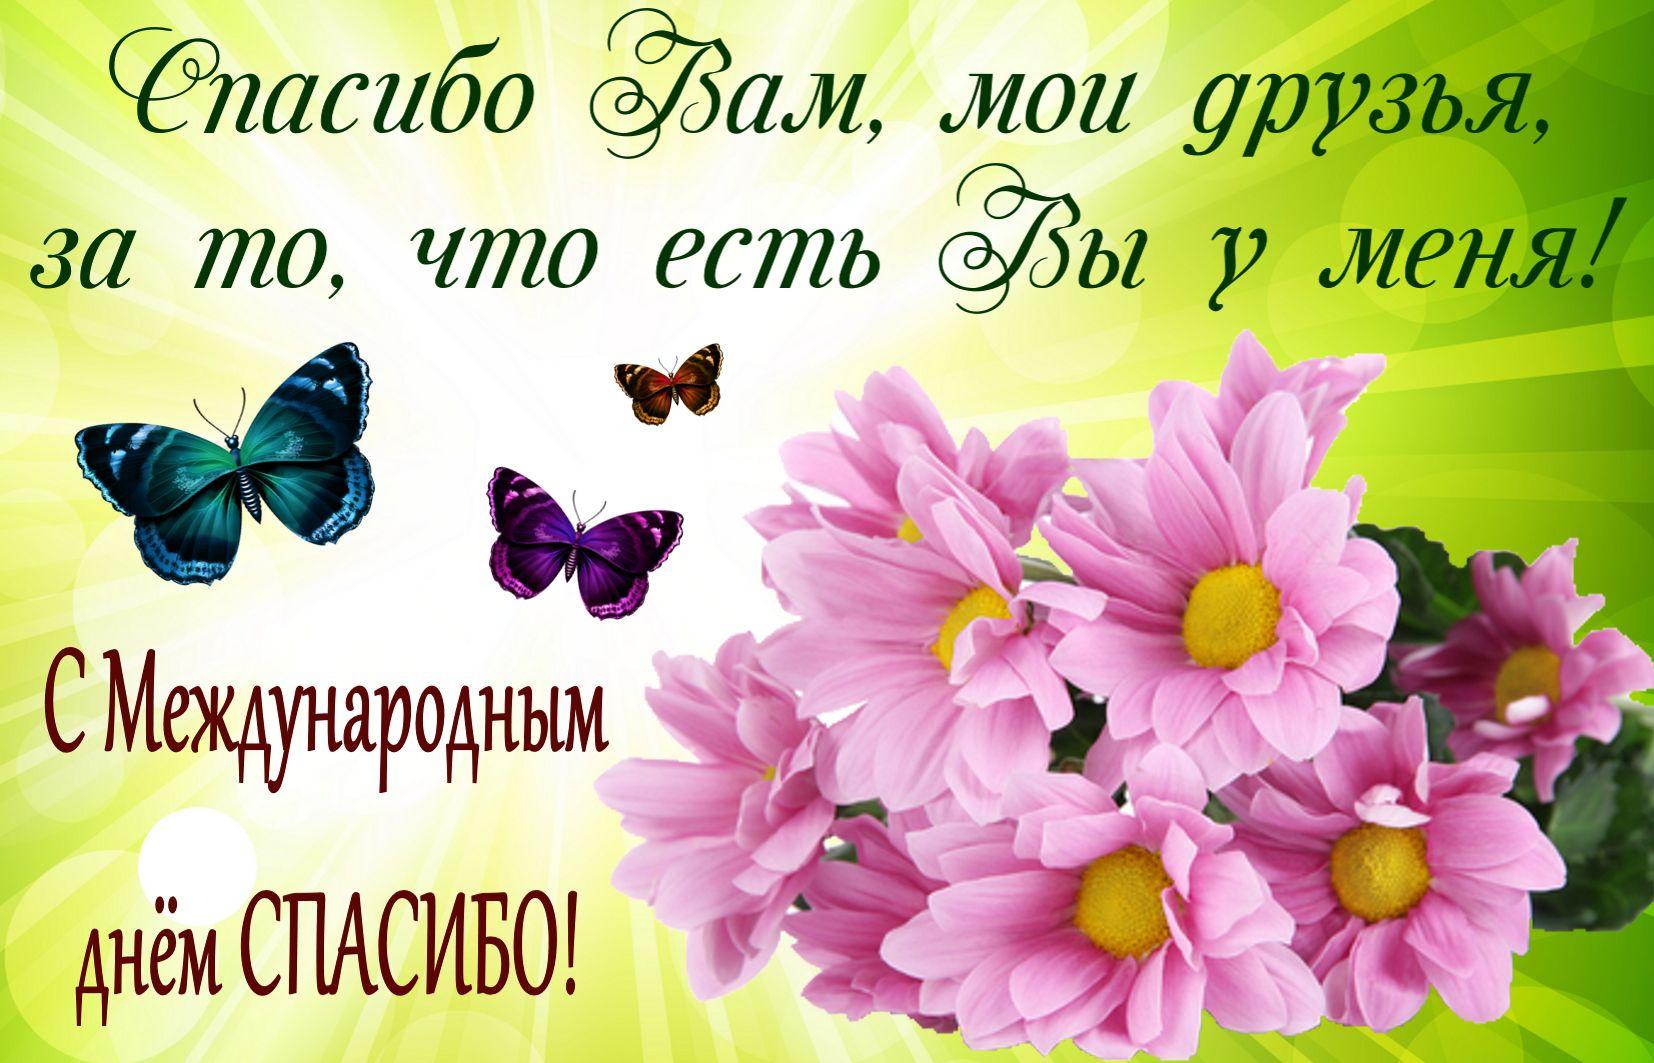 Открытка на День спасибо - розовые цветы в красивом оформлении